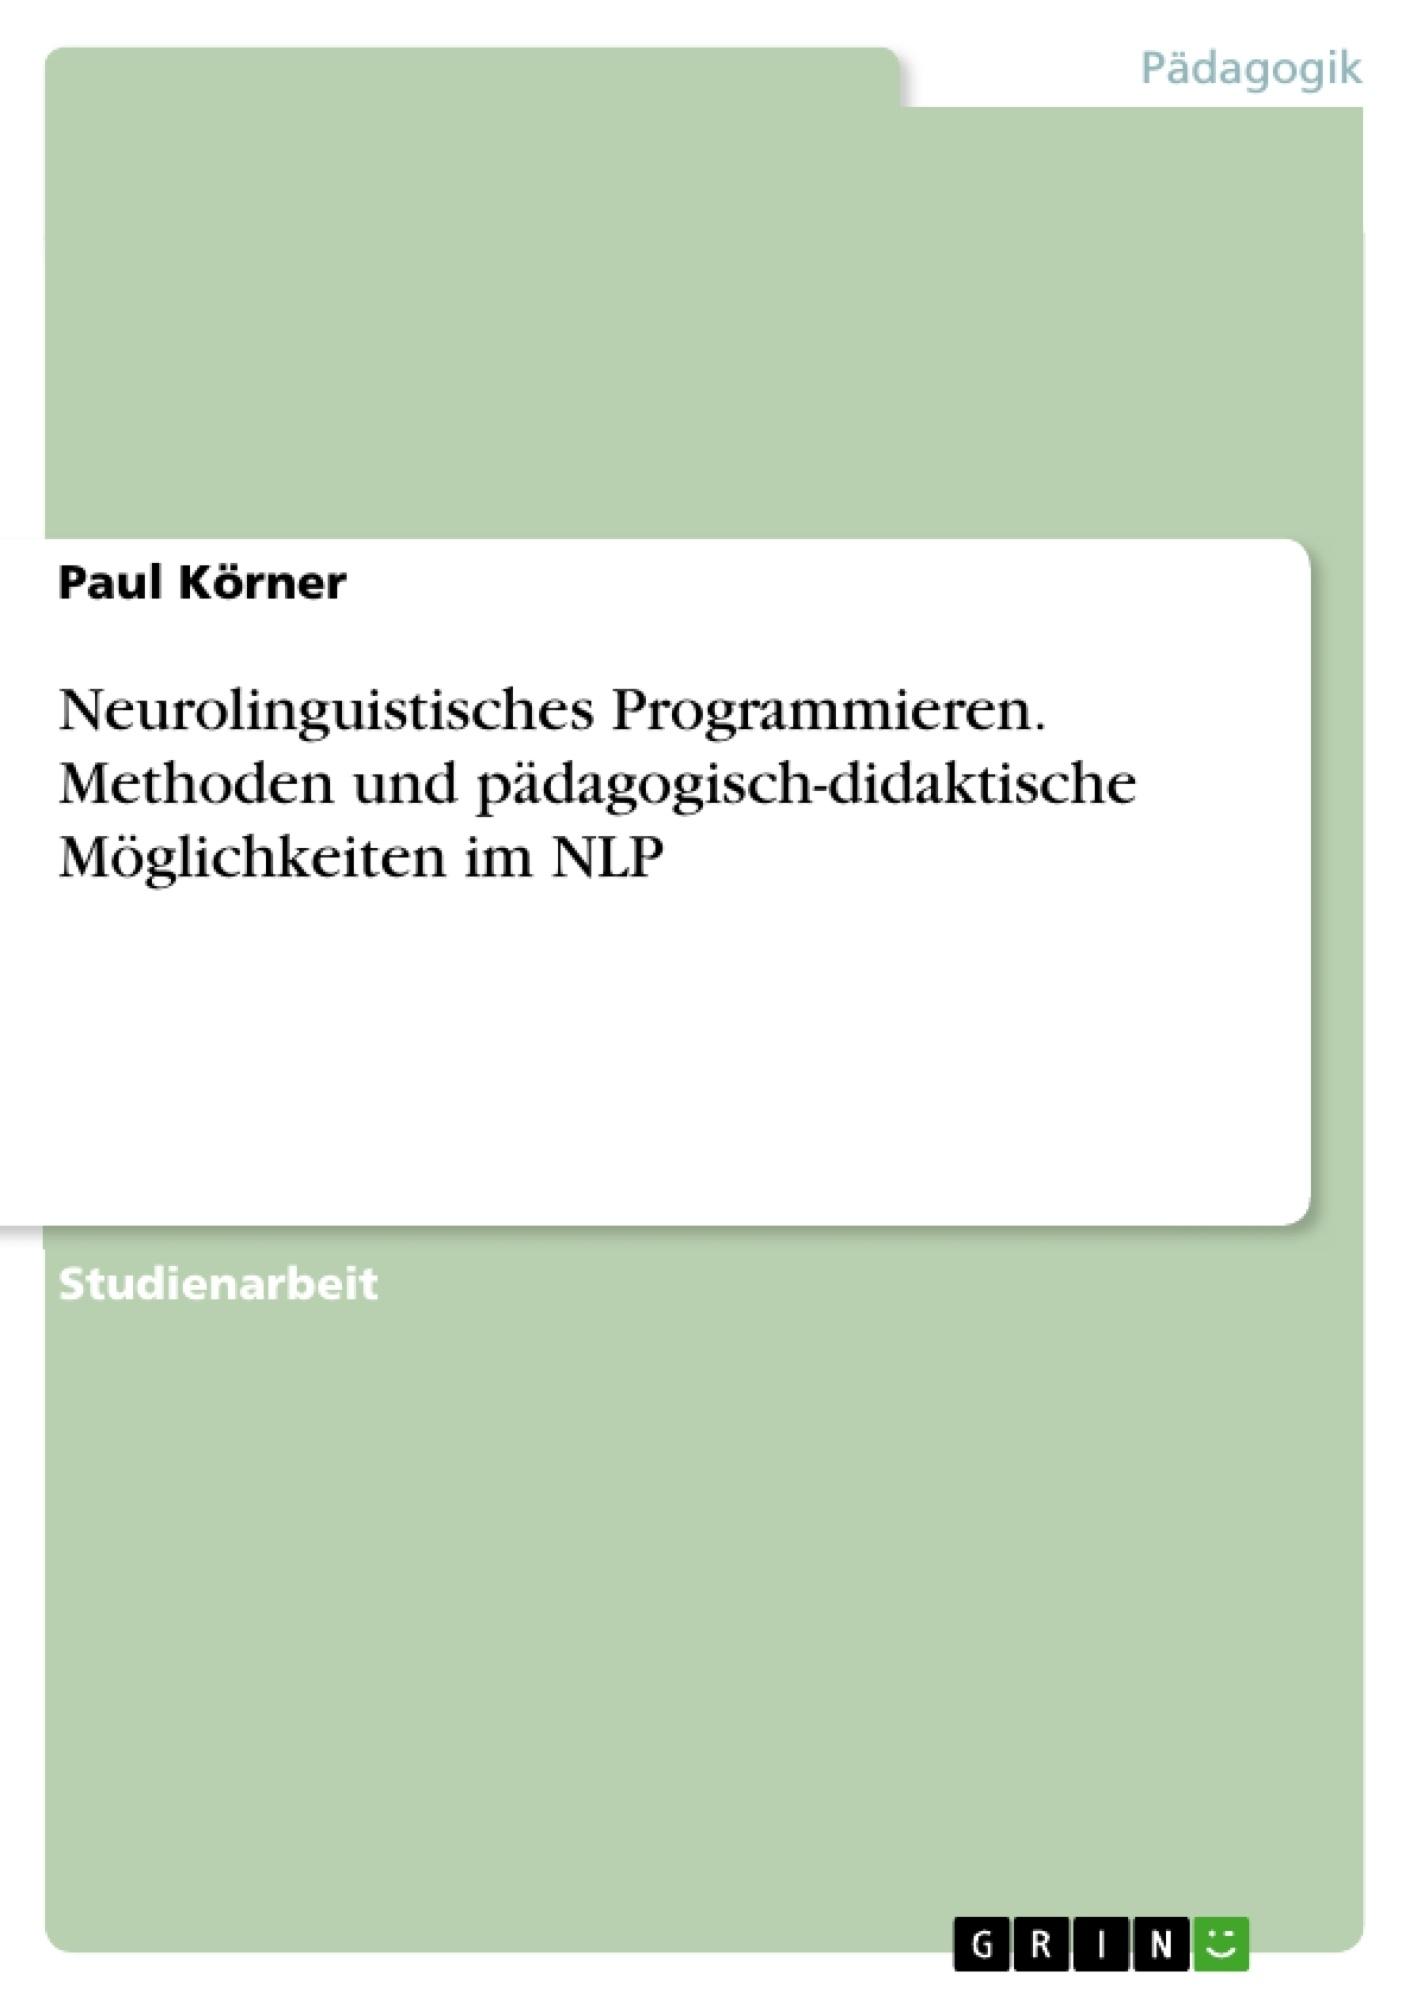 Titel: Neurolinguistisches Programmieren. Methoden und pädagogisch-didaktische Möglichkeiten im NLP